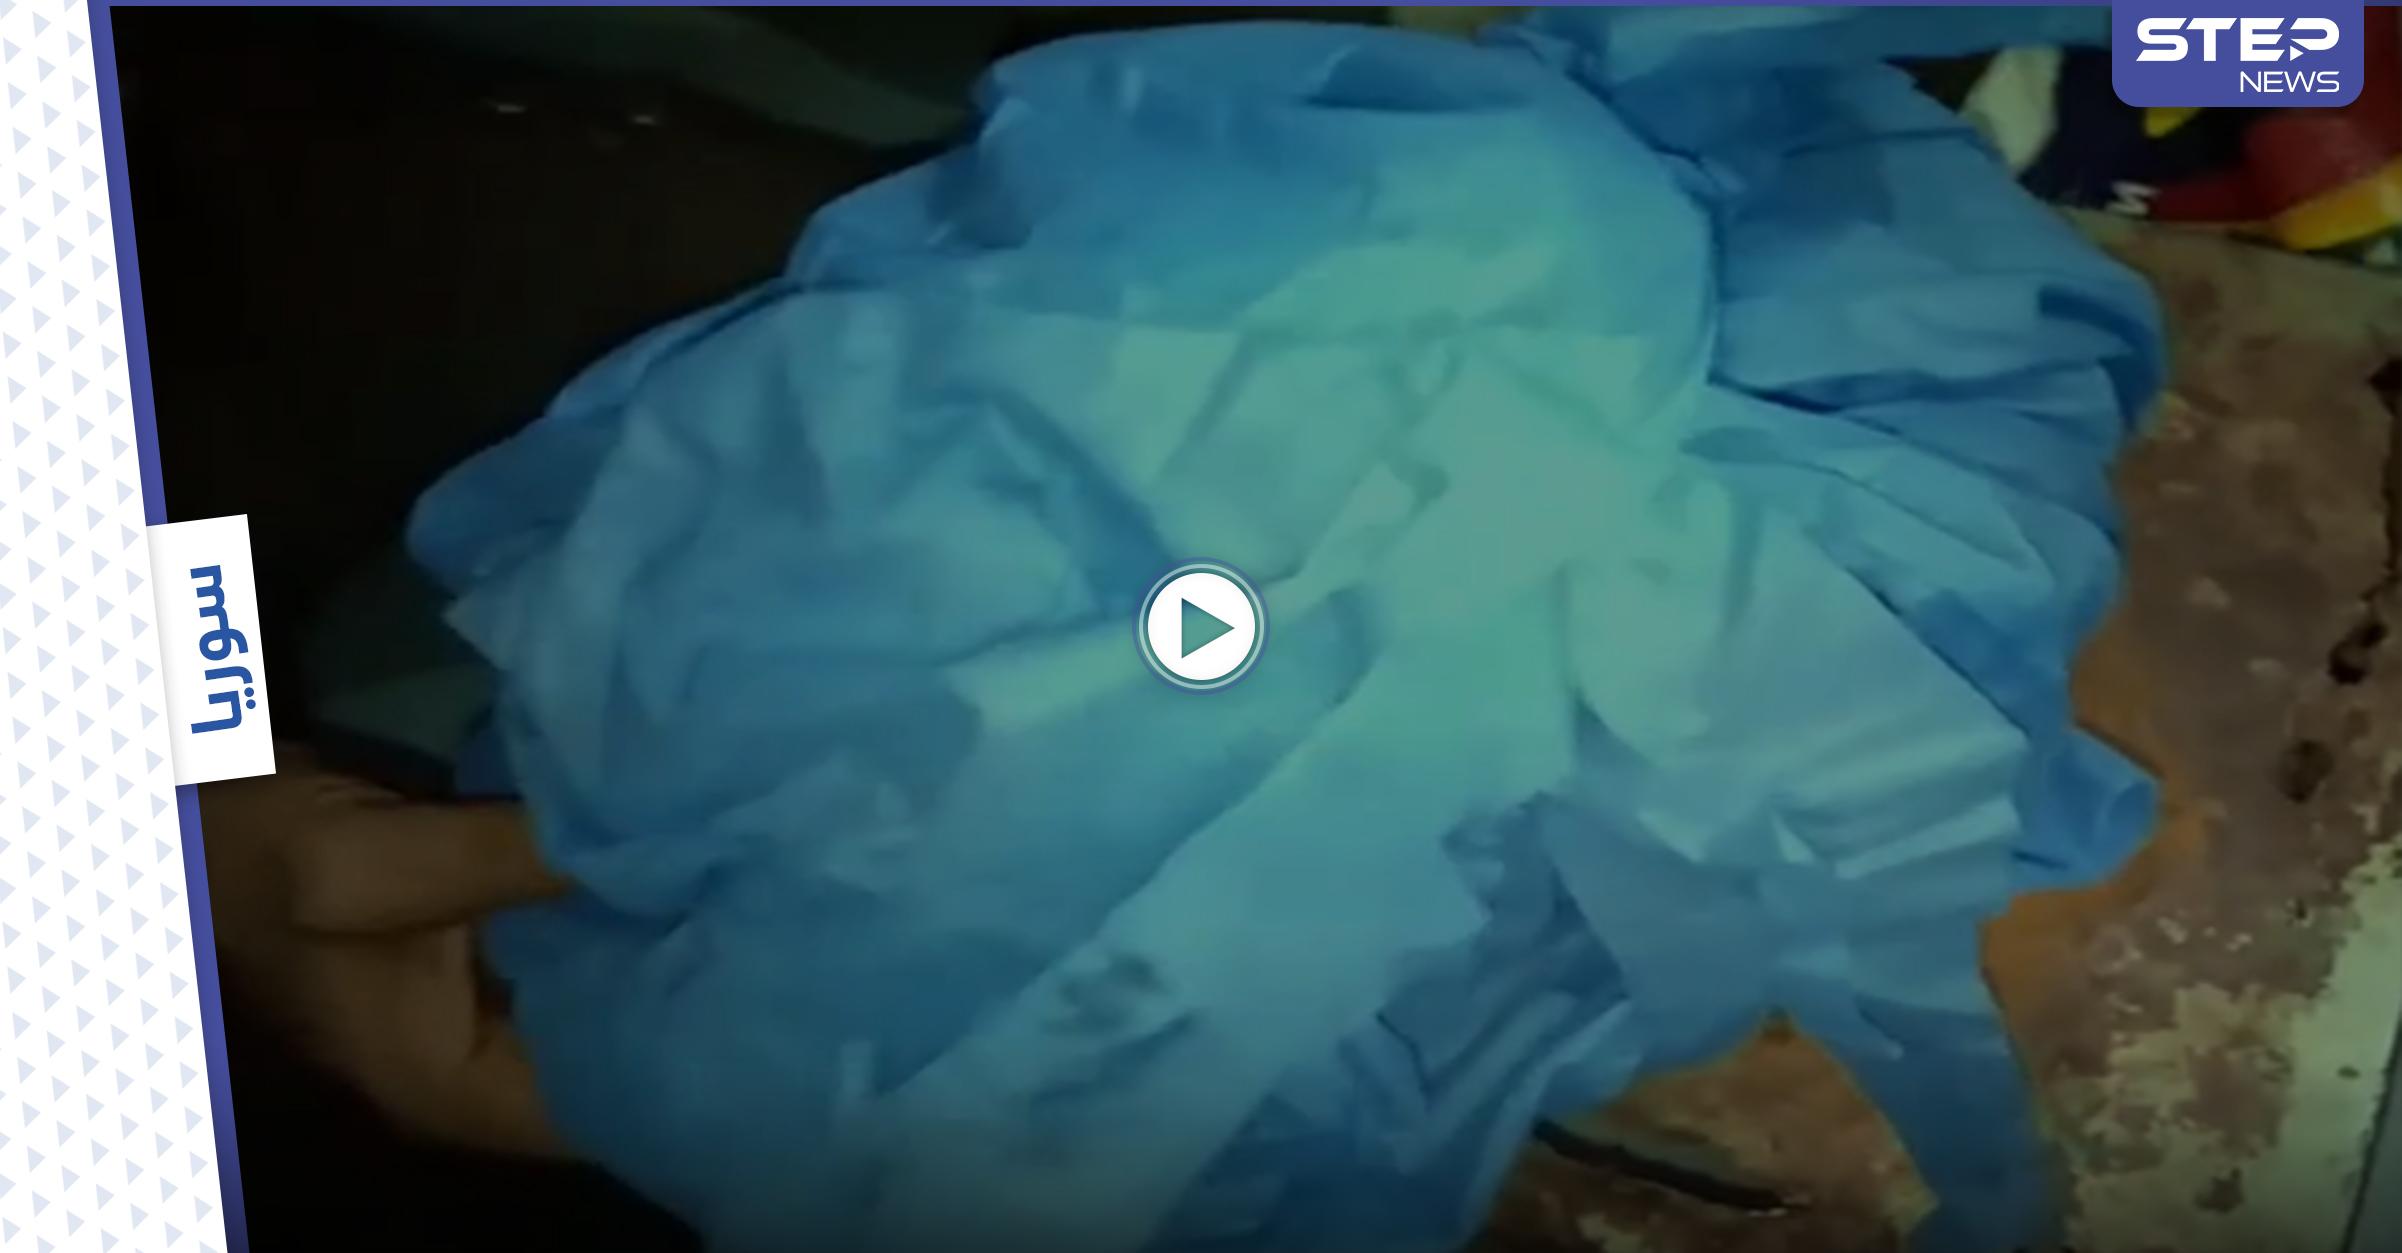 بالفيديو|| امرأة سورية أجهضت حملها وحفظته بالثلاجة لتستخدمه في تهريب المخدرات